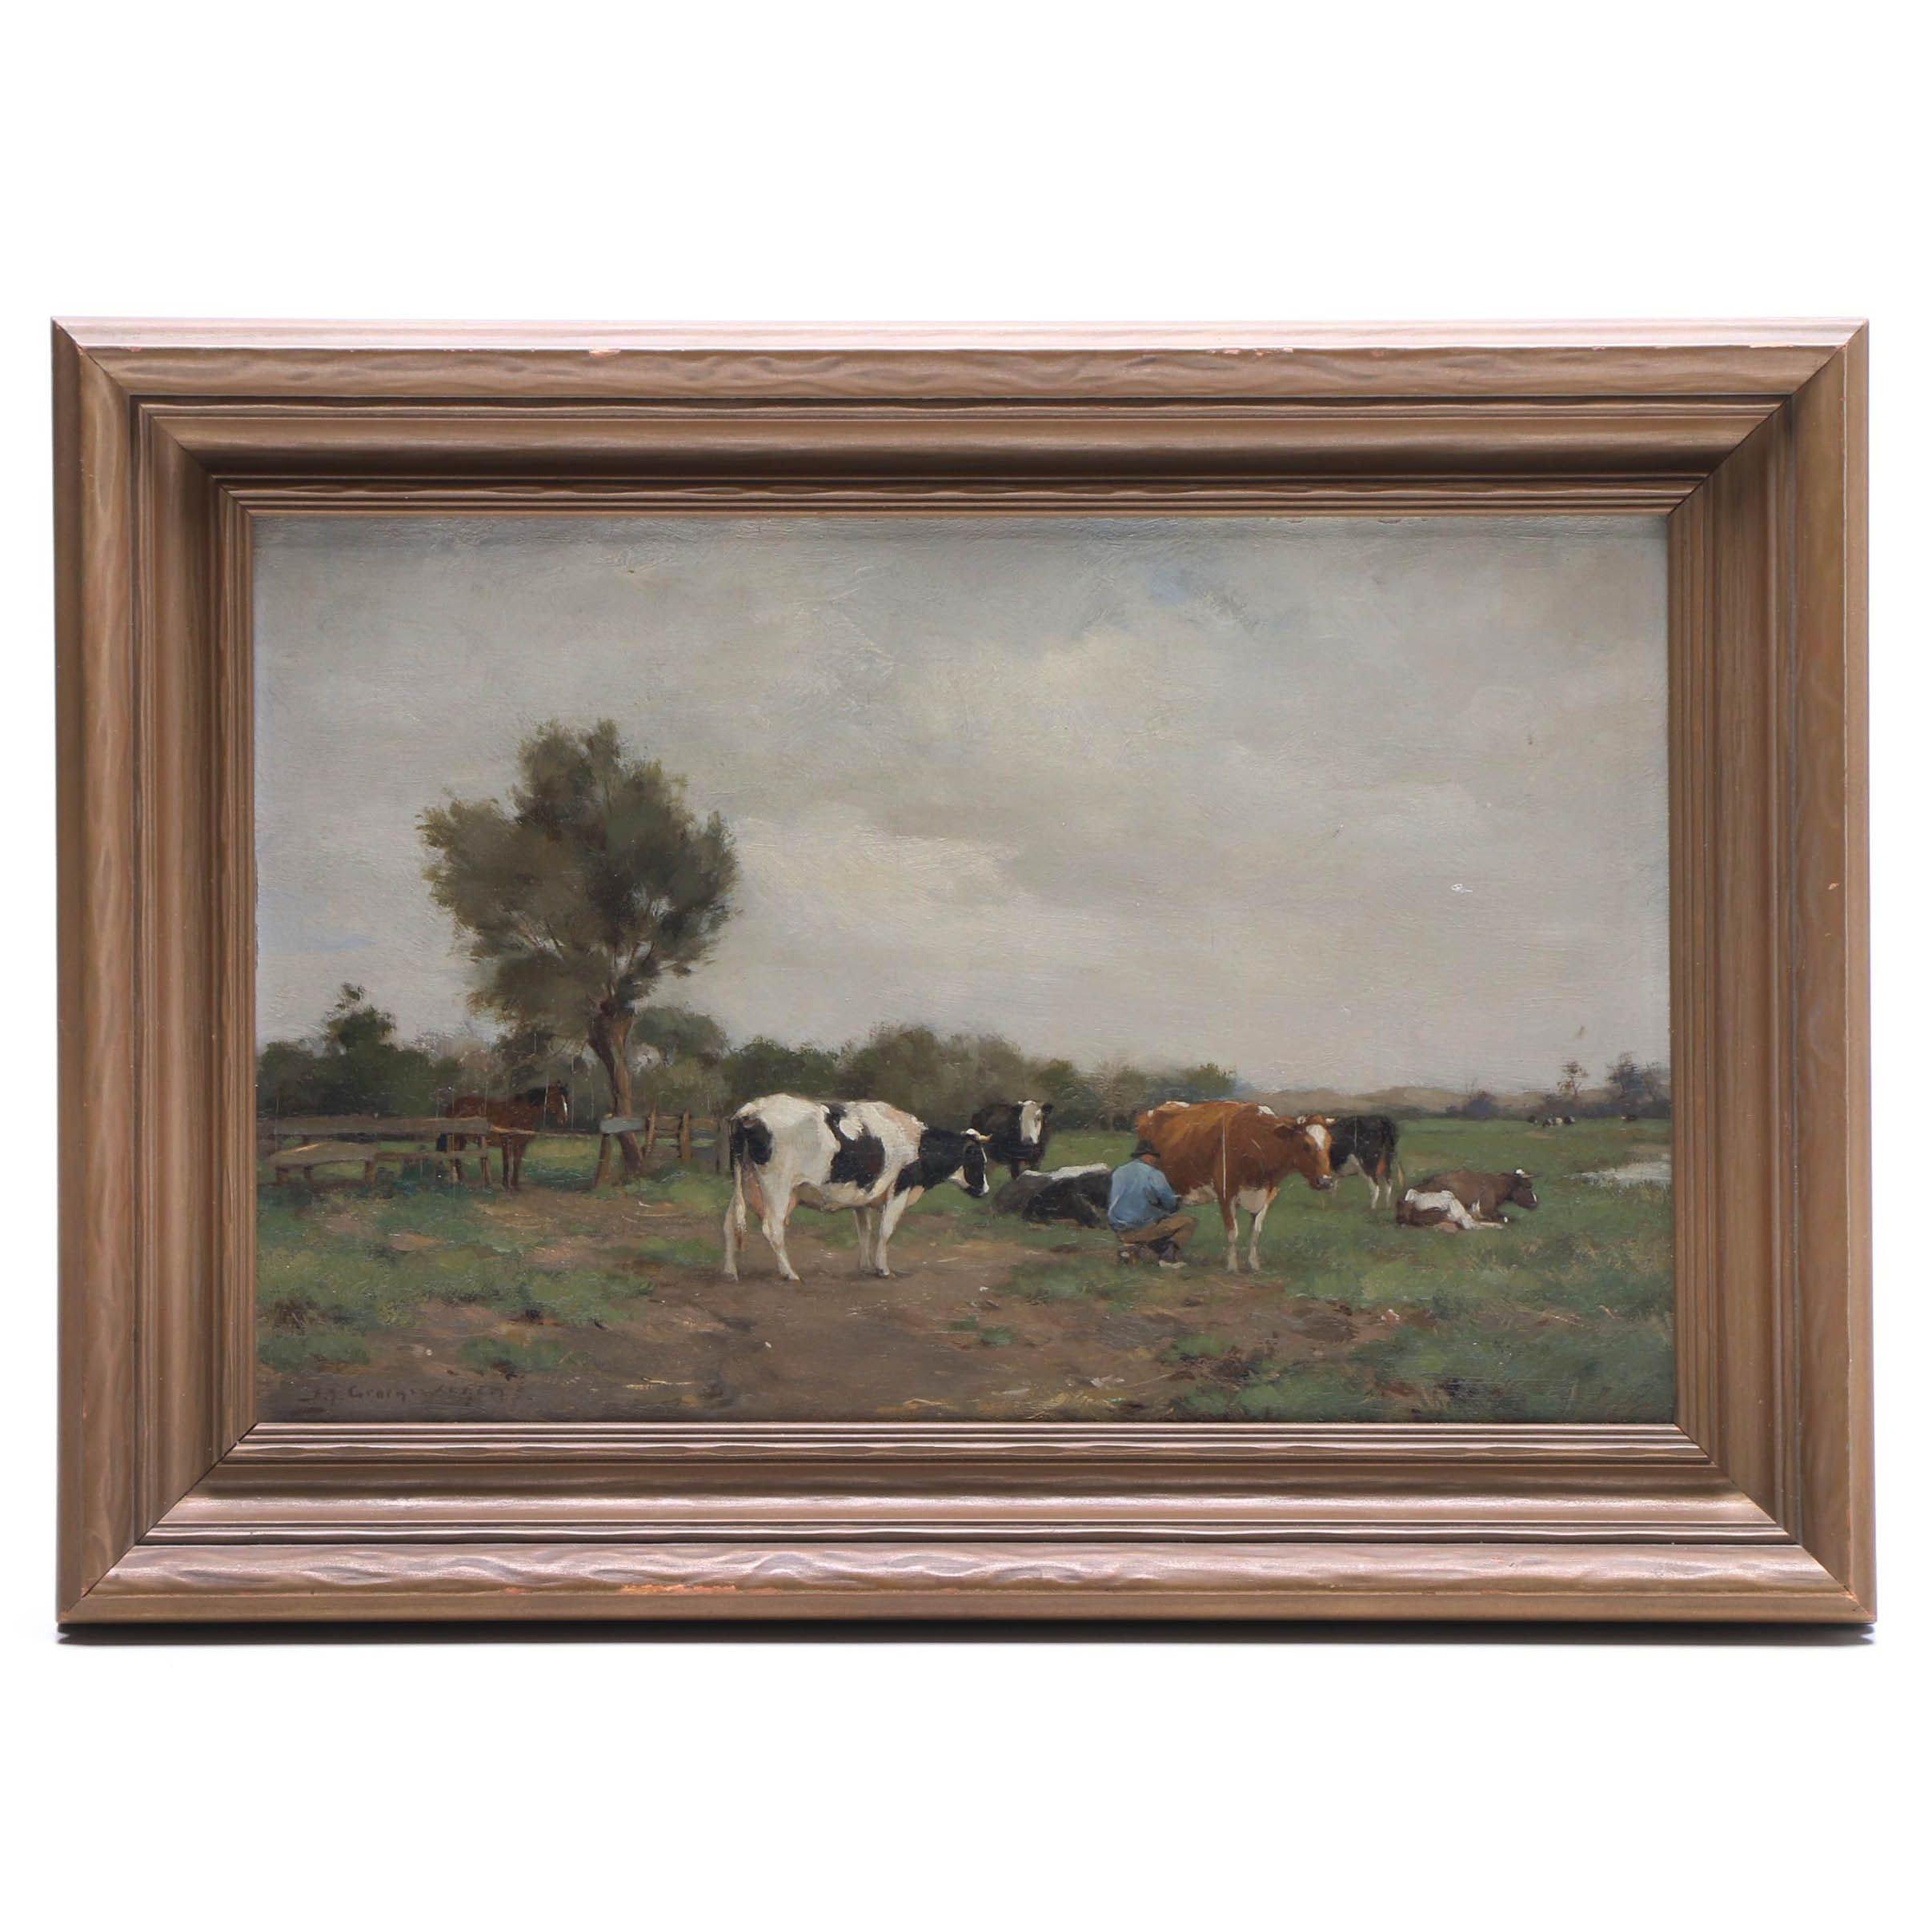 Adrianus Johannes Groenewegen Bucolic Landscape Oil Painting